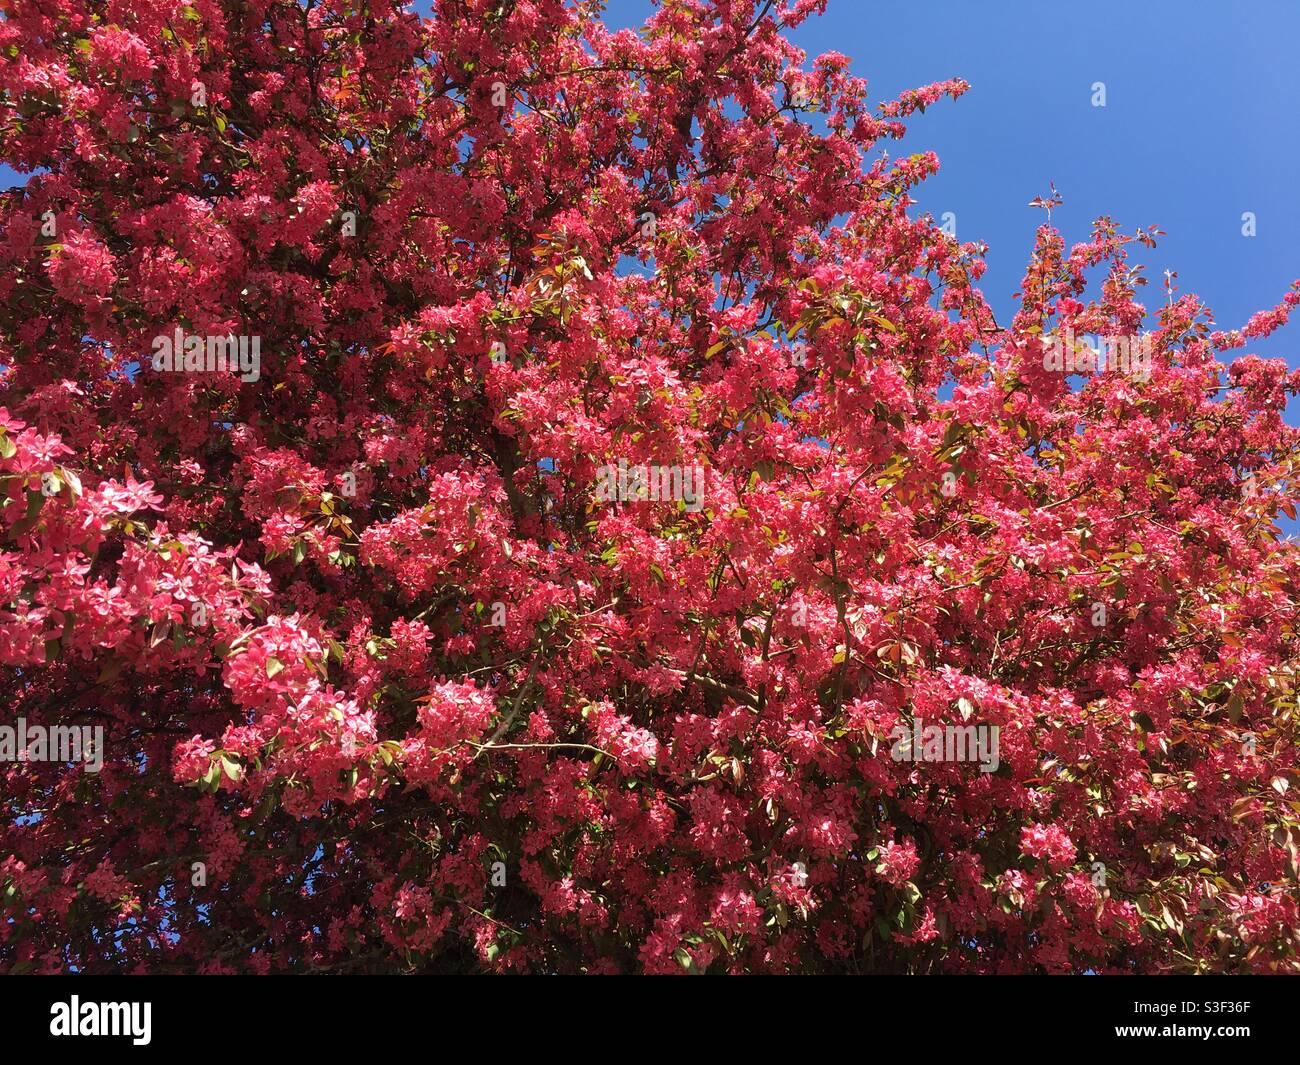 Albero di fiori rosa profondo contro cielo blu chiaro Foto Stock